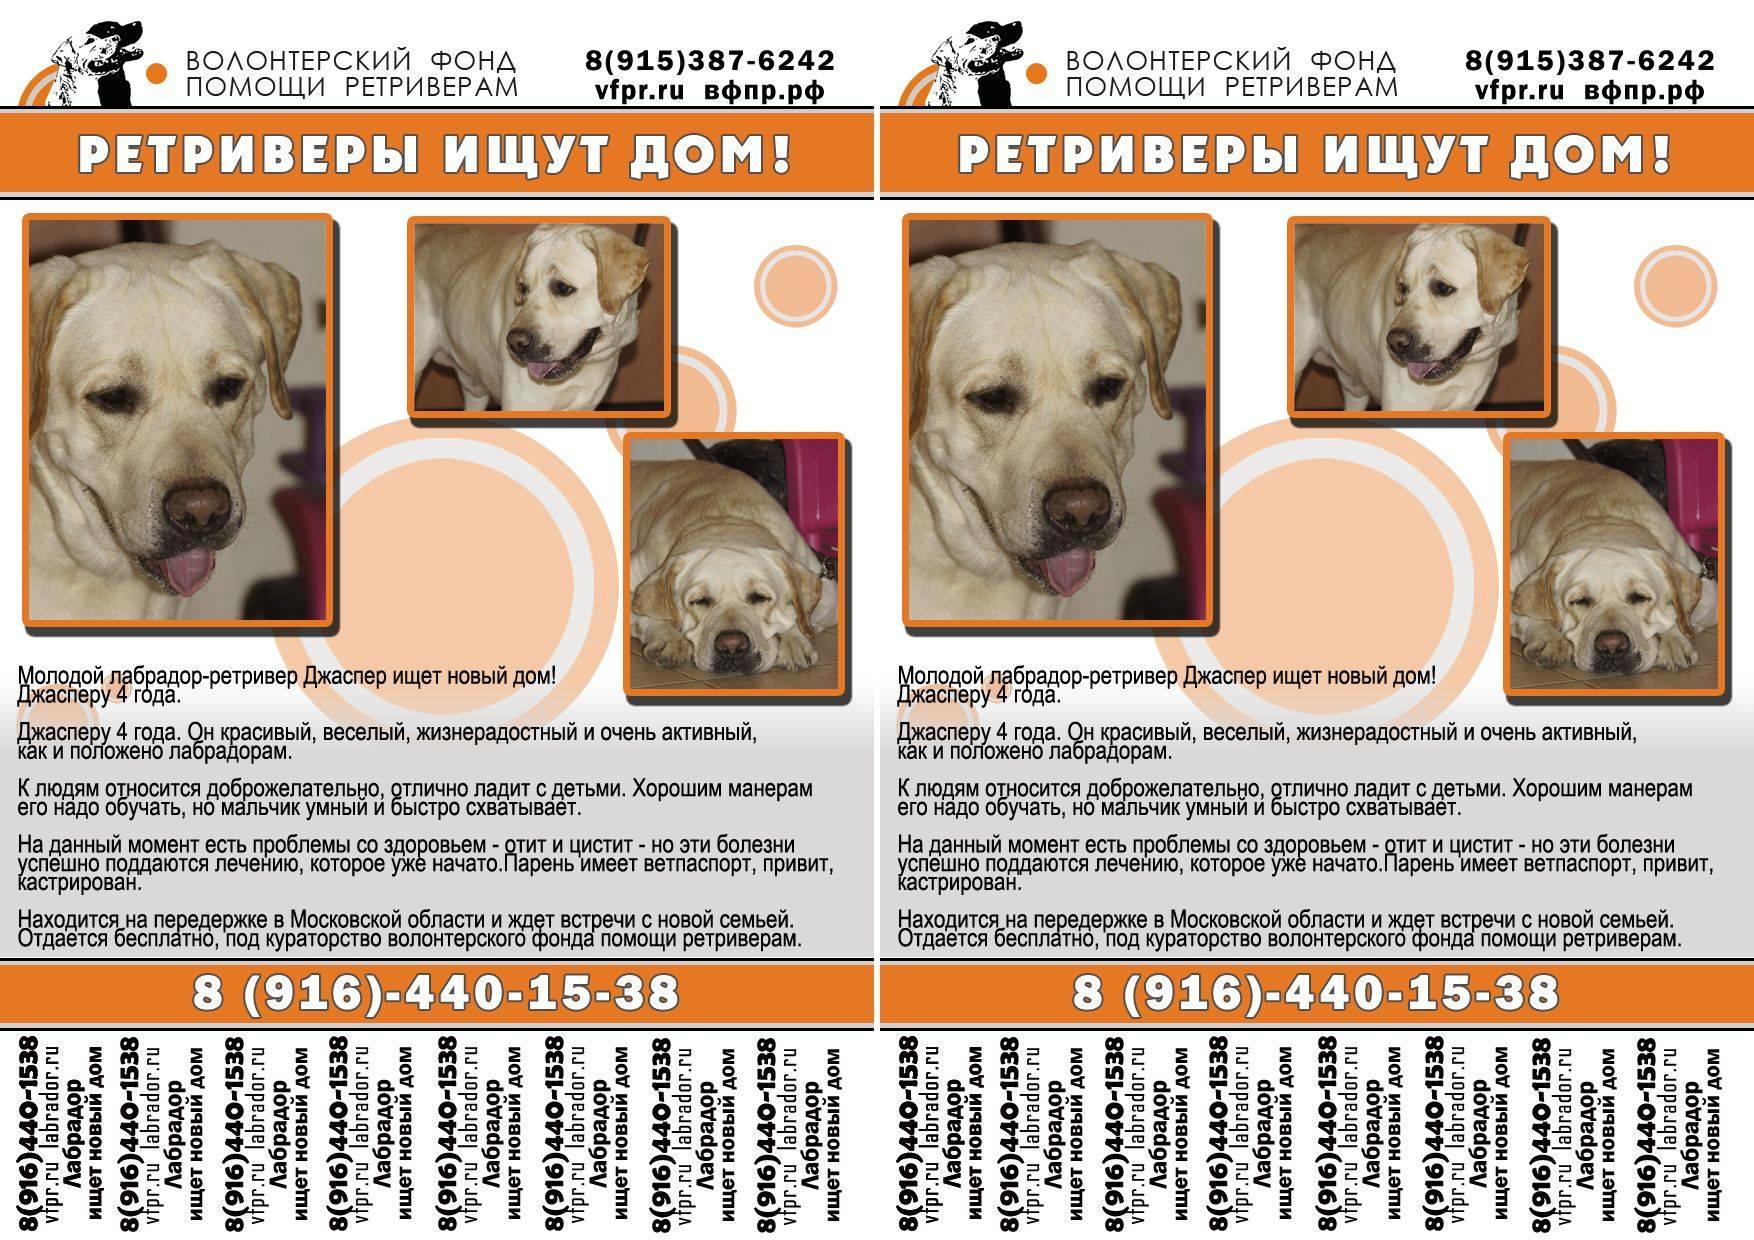 Лабрадор-ретривер - порода собак - информация и особенностях | хиллс